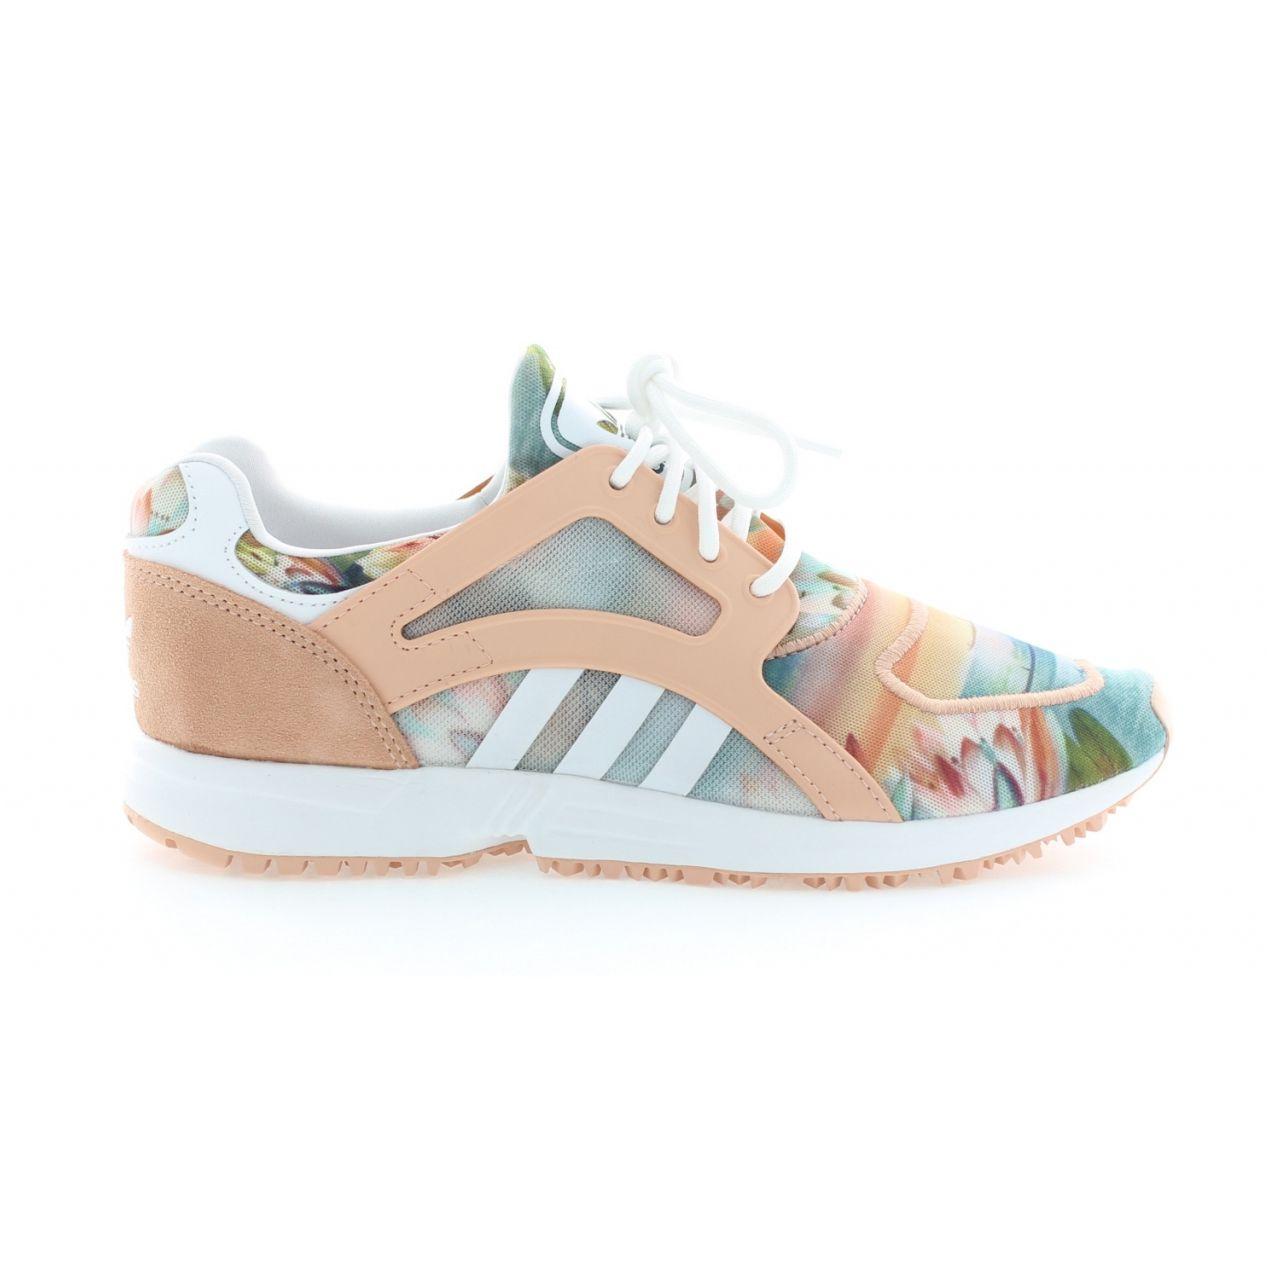 Speciale Adidas Racer Lite  mujer zapatilla (Roze) zapatillas van het